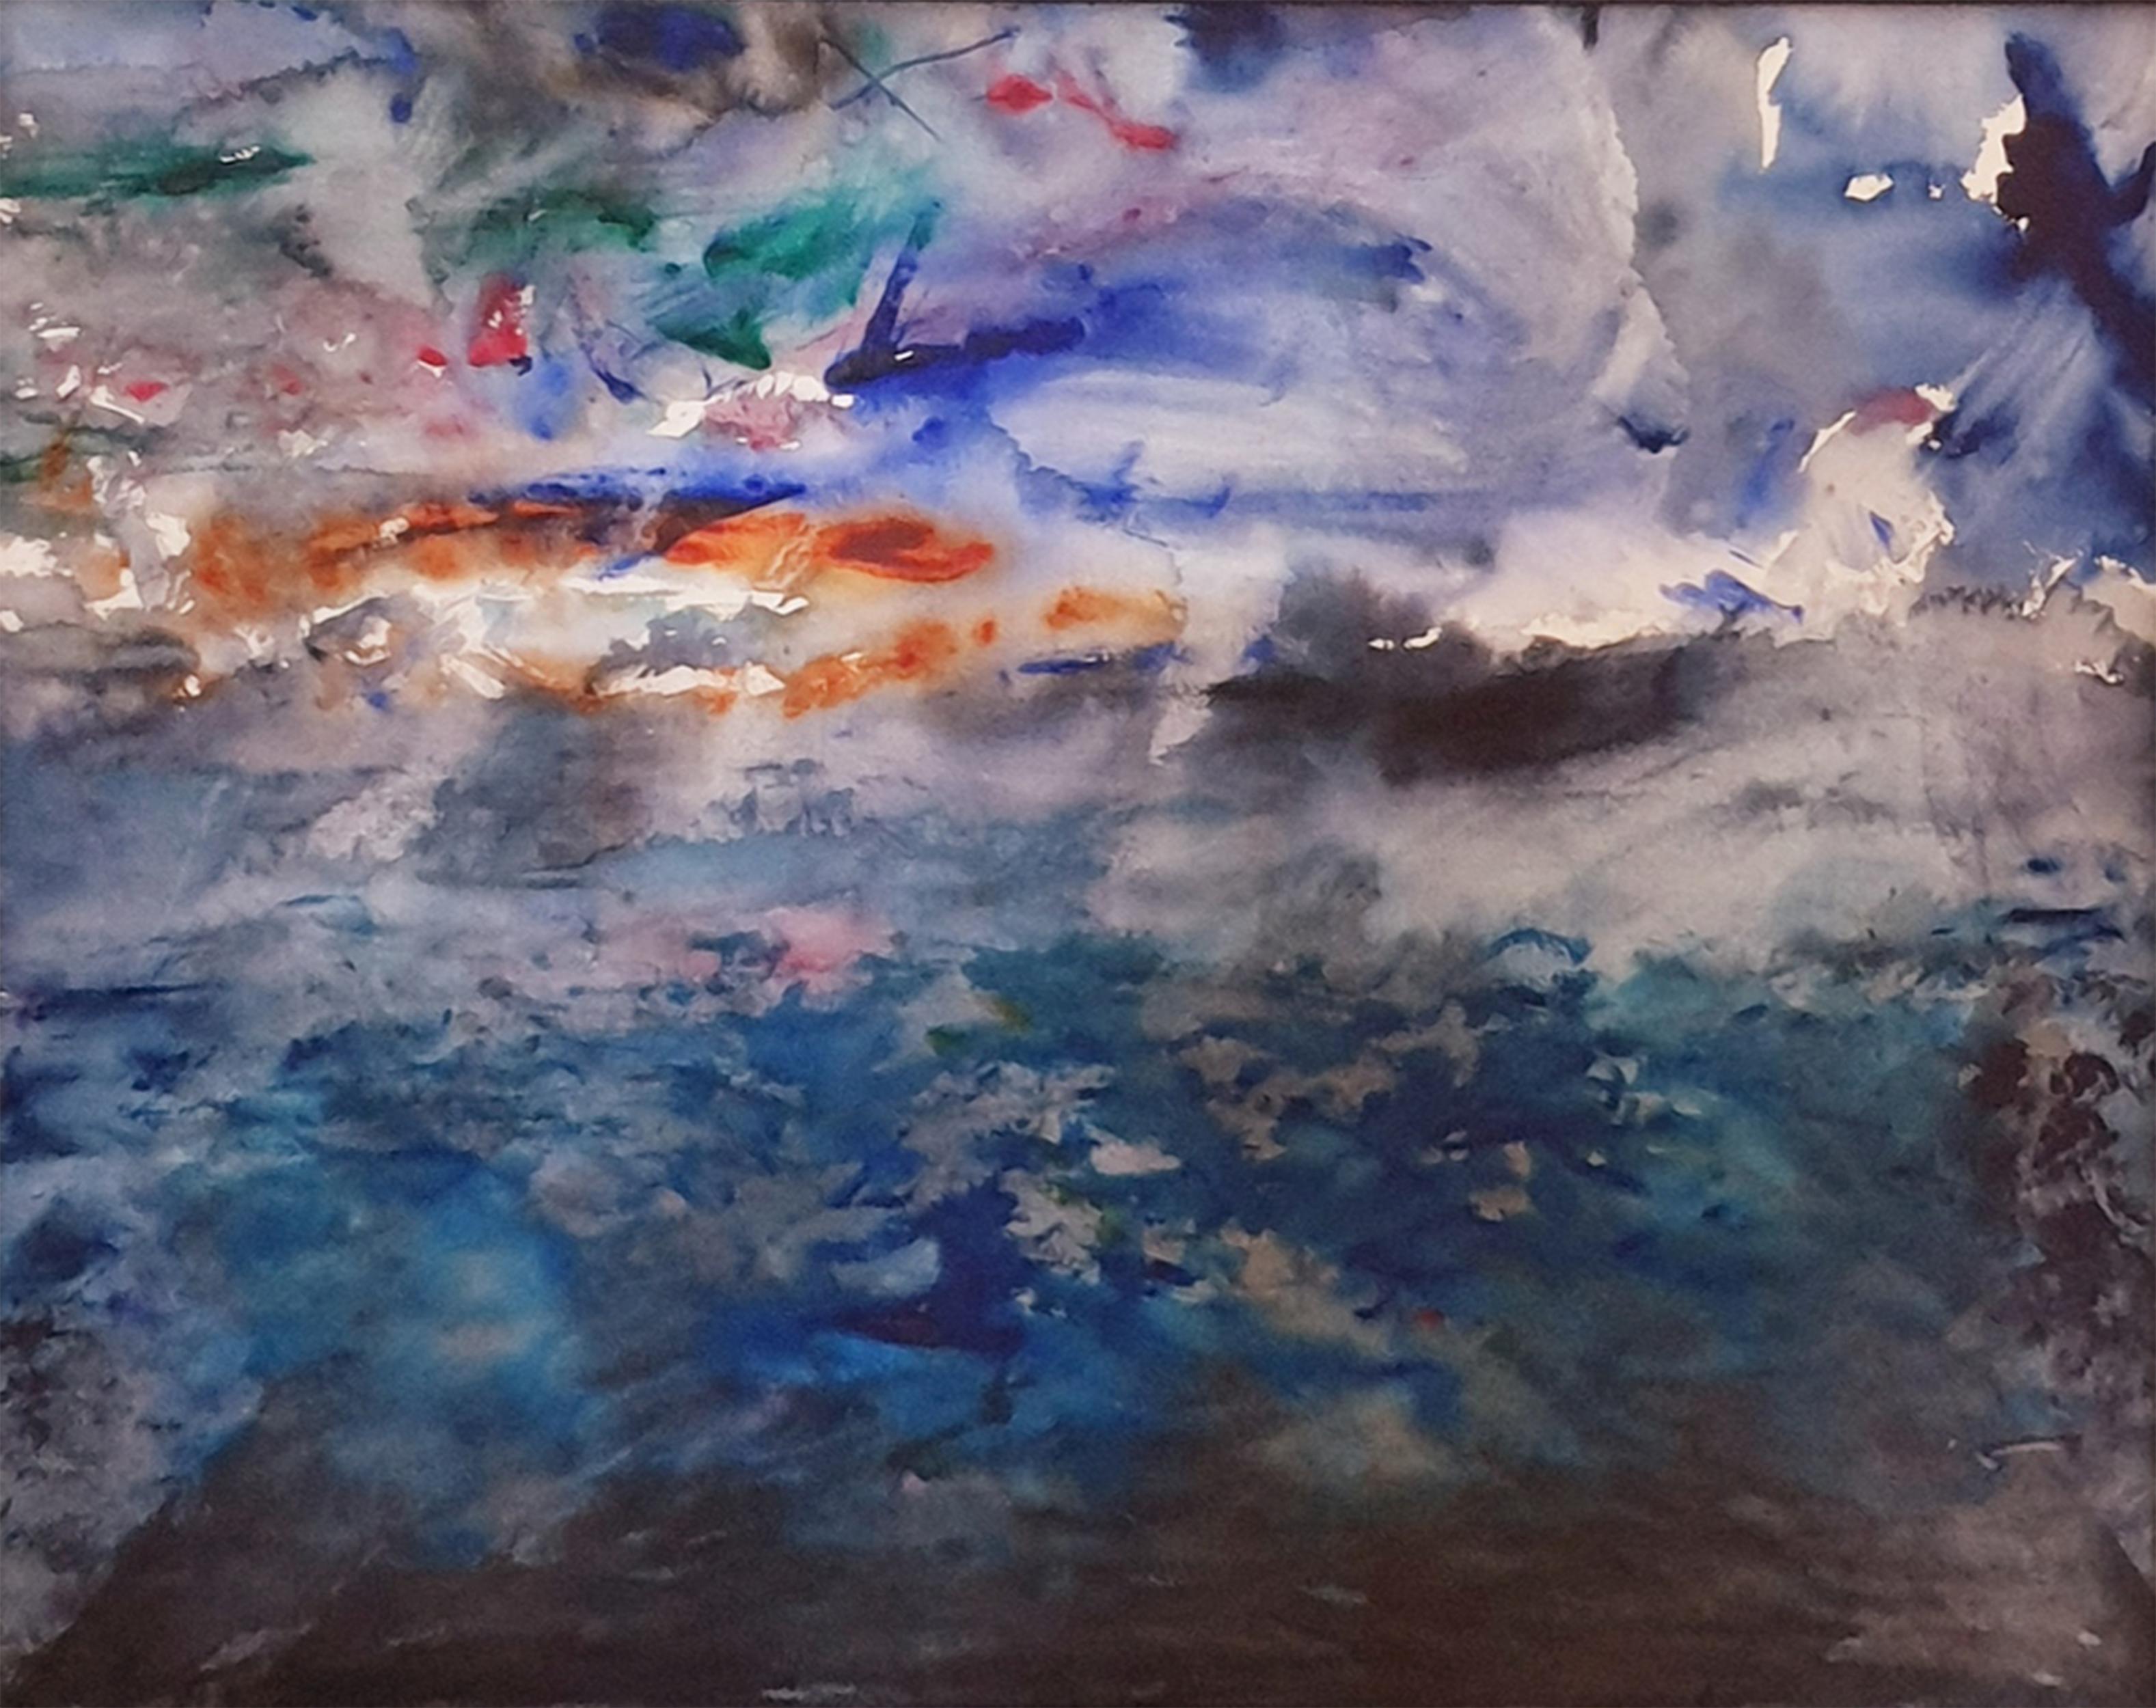 Abstrakt konstverk av Sven-Åke Johansson